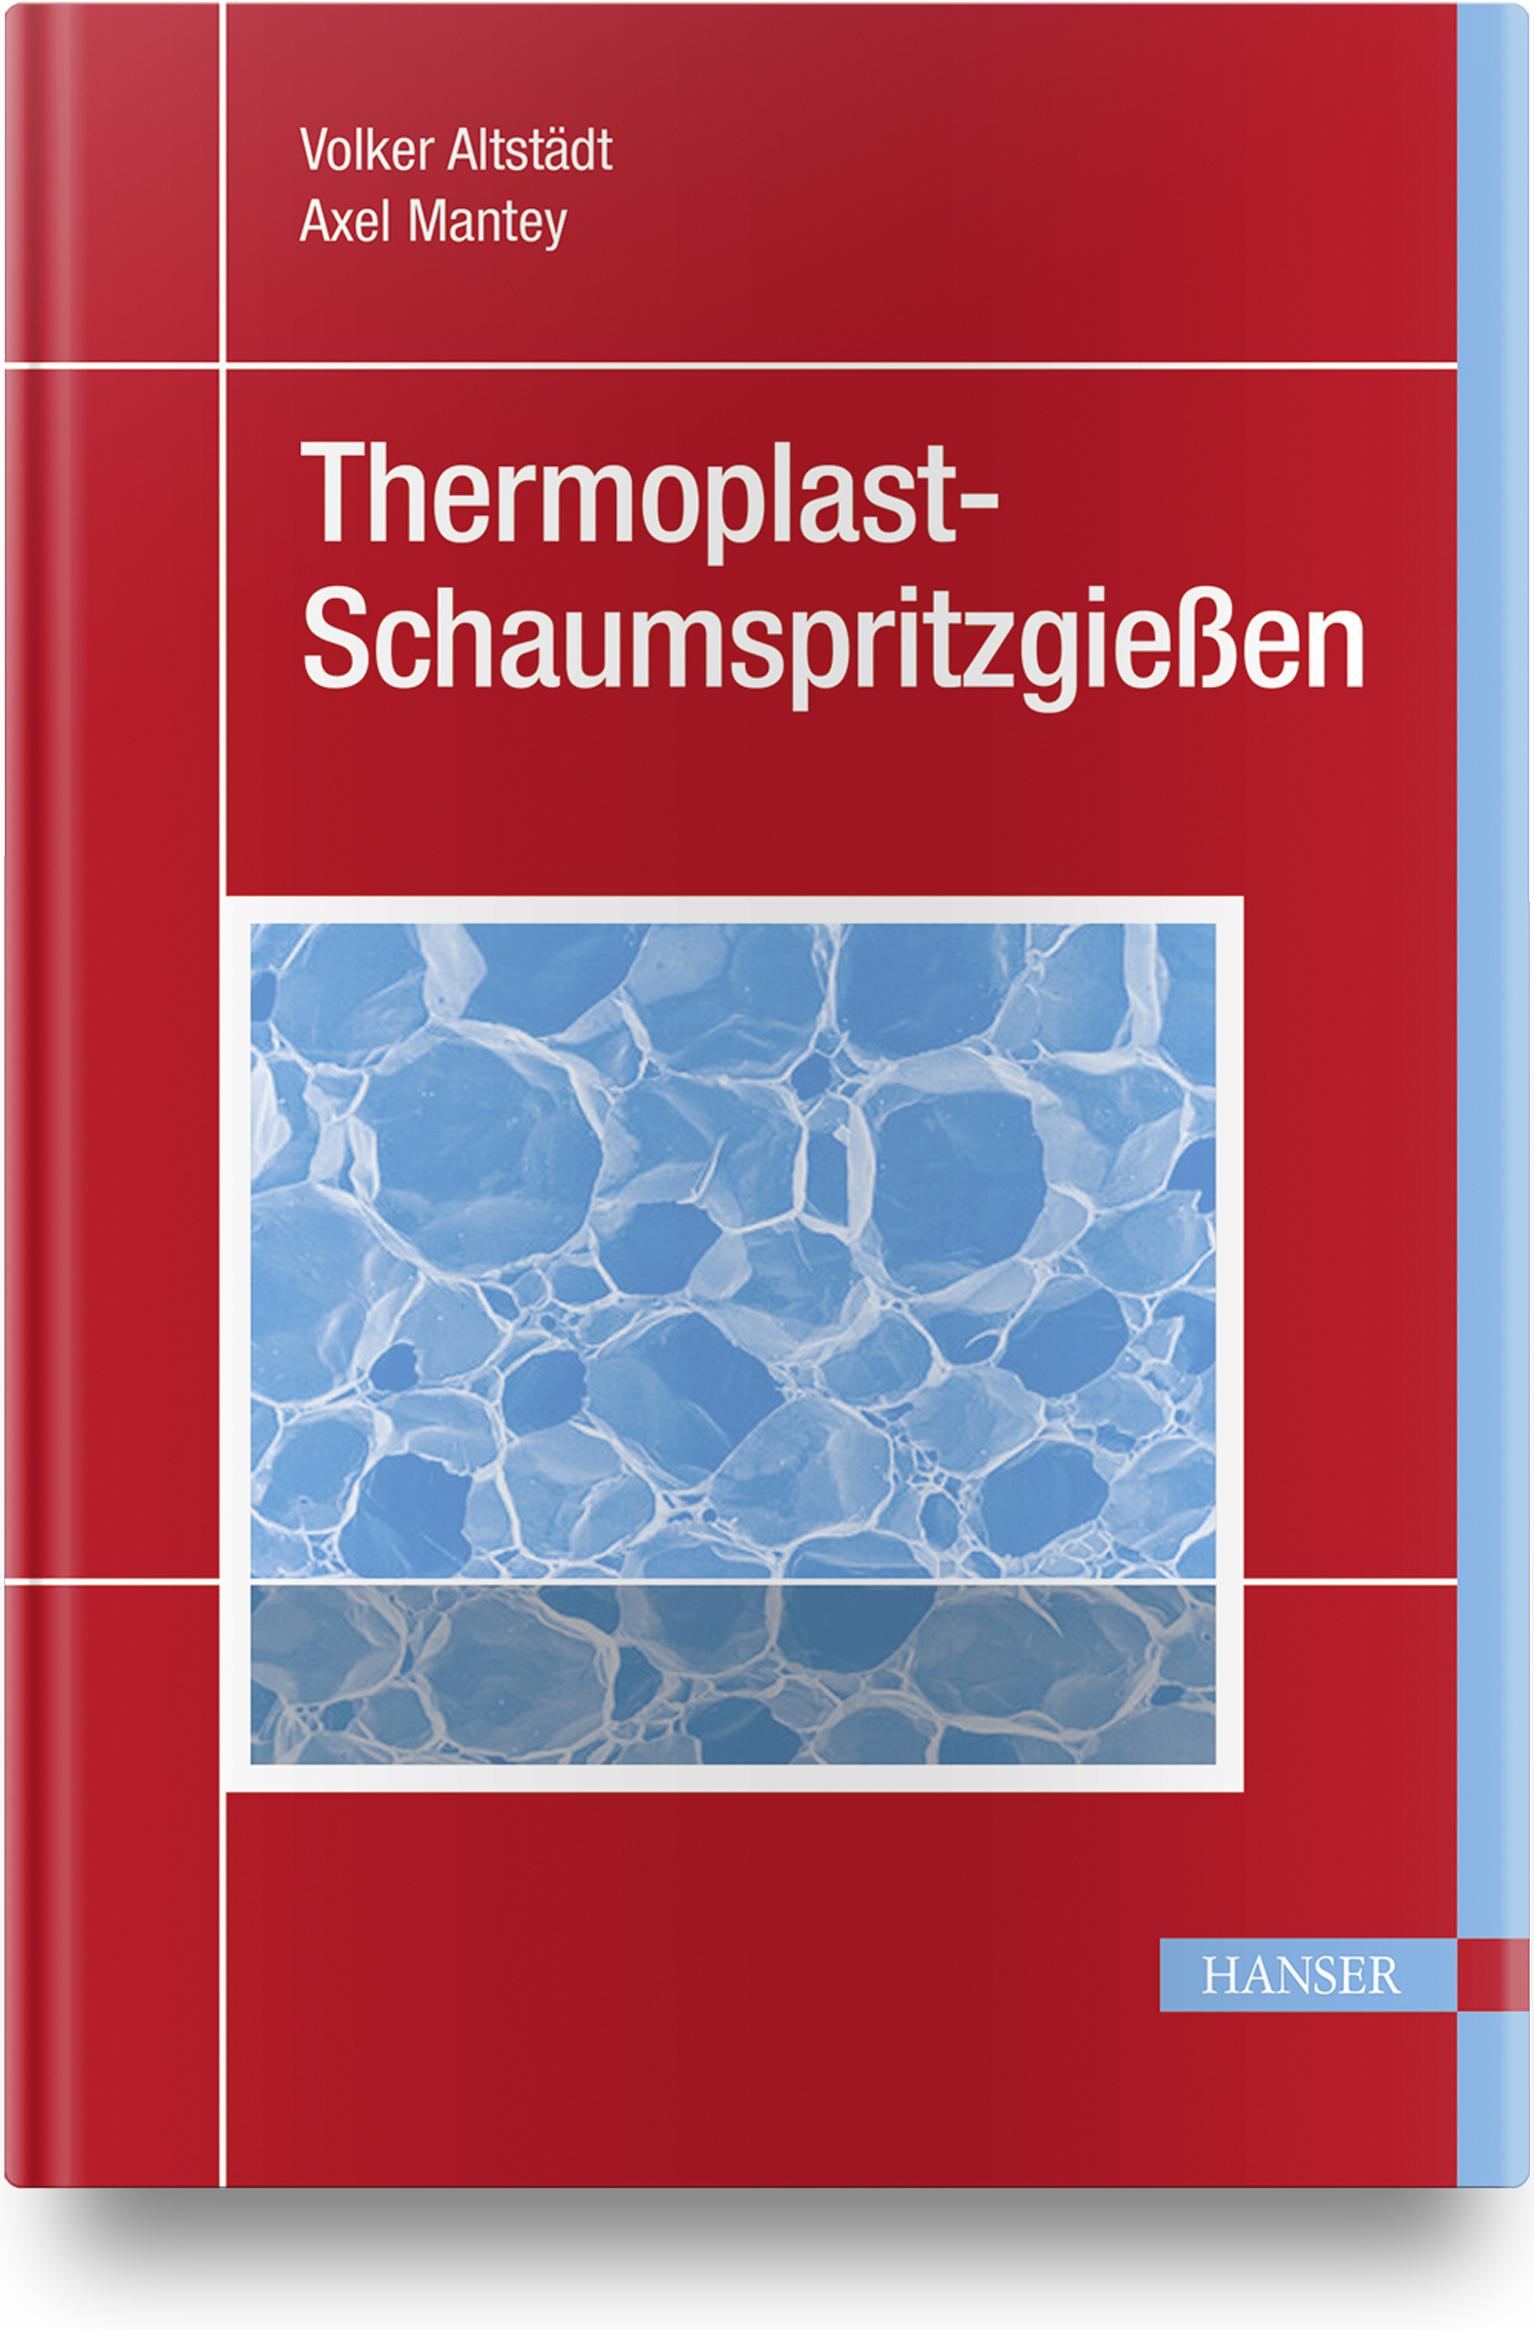 Altstädt, Mantey, Thermoplast-Schaumspritzgießen, 978-3-446-41251-4